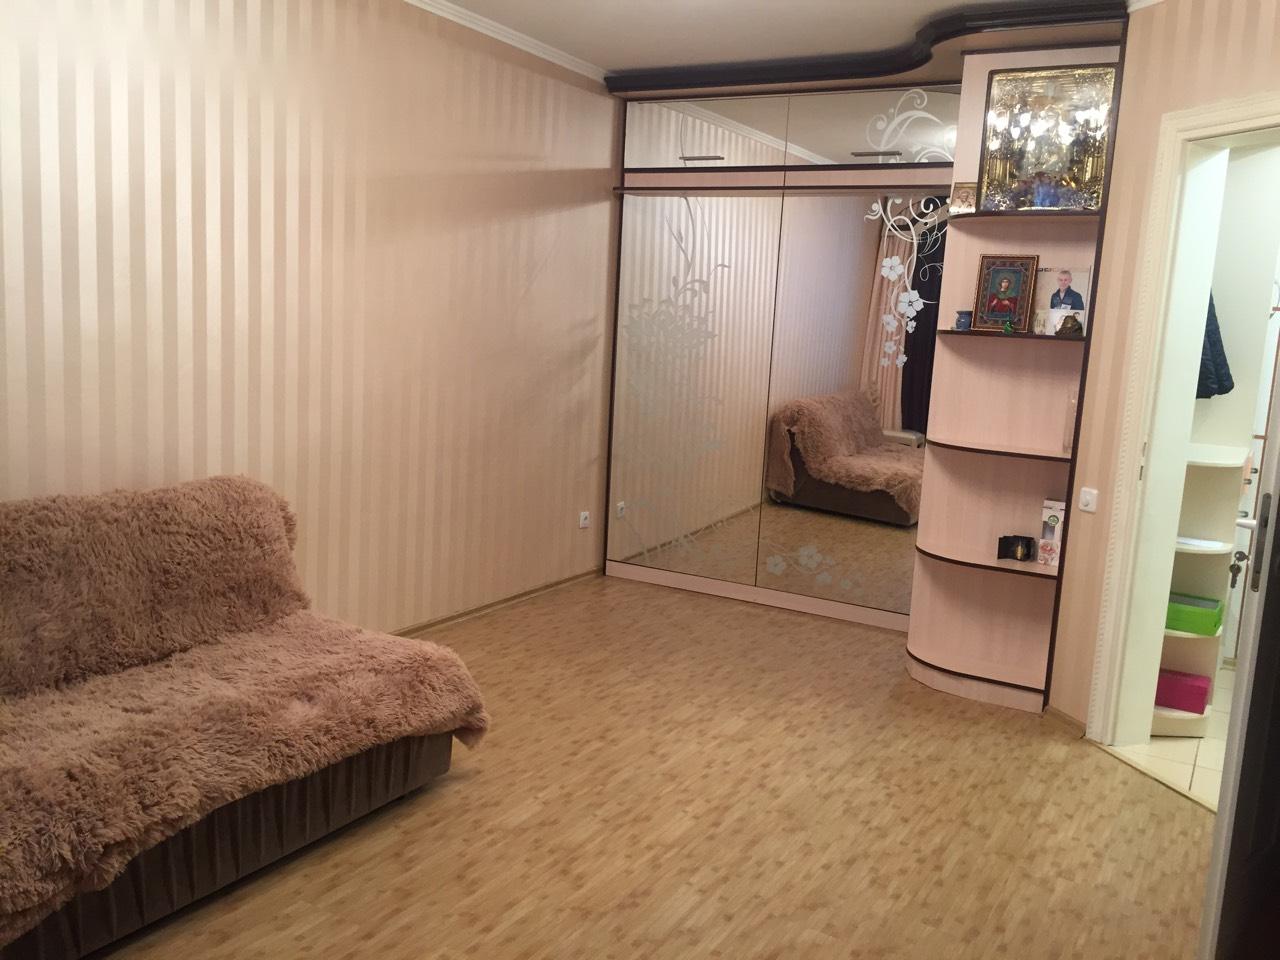 Продаётся 1 комнатная квартира по ул.Кропоткина, в р-н Слободки